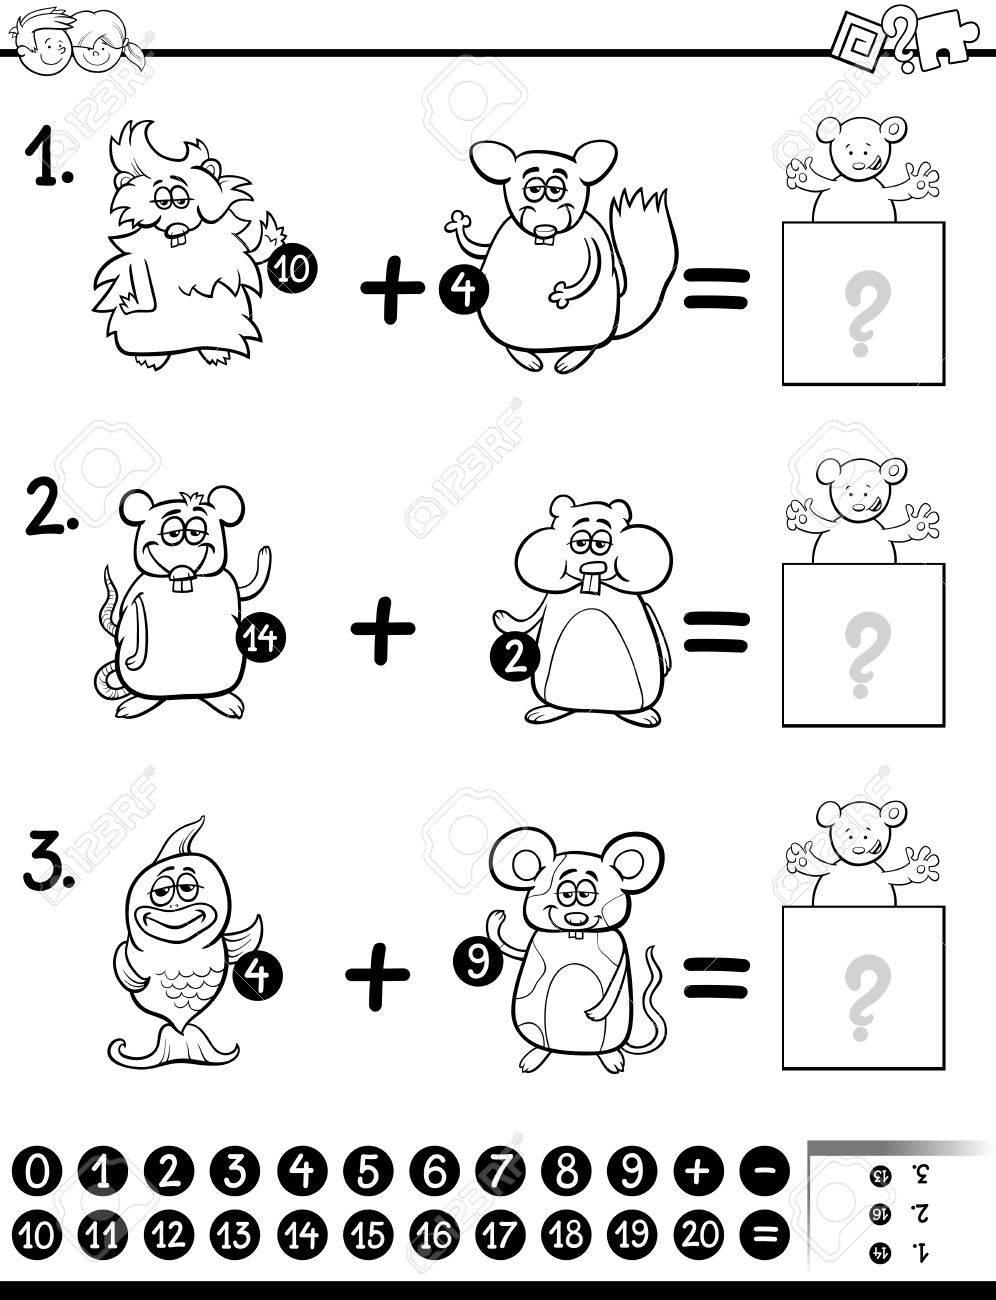 Ilustración De Dibujos Animados En Blanco Y Negro Del Juego De ...